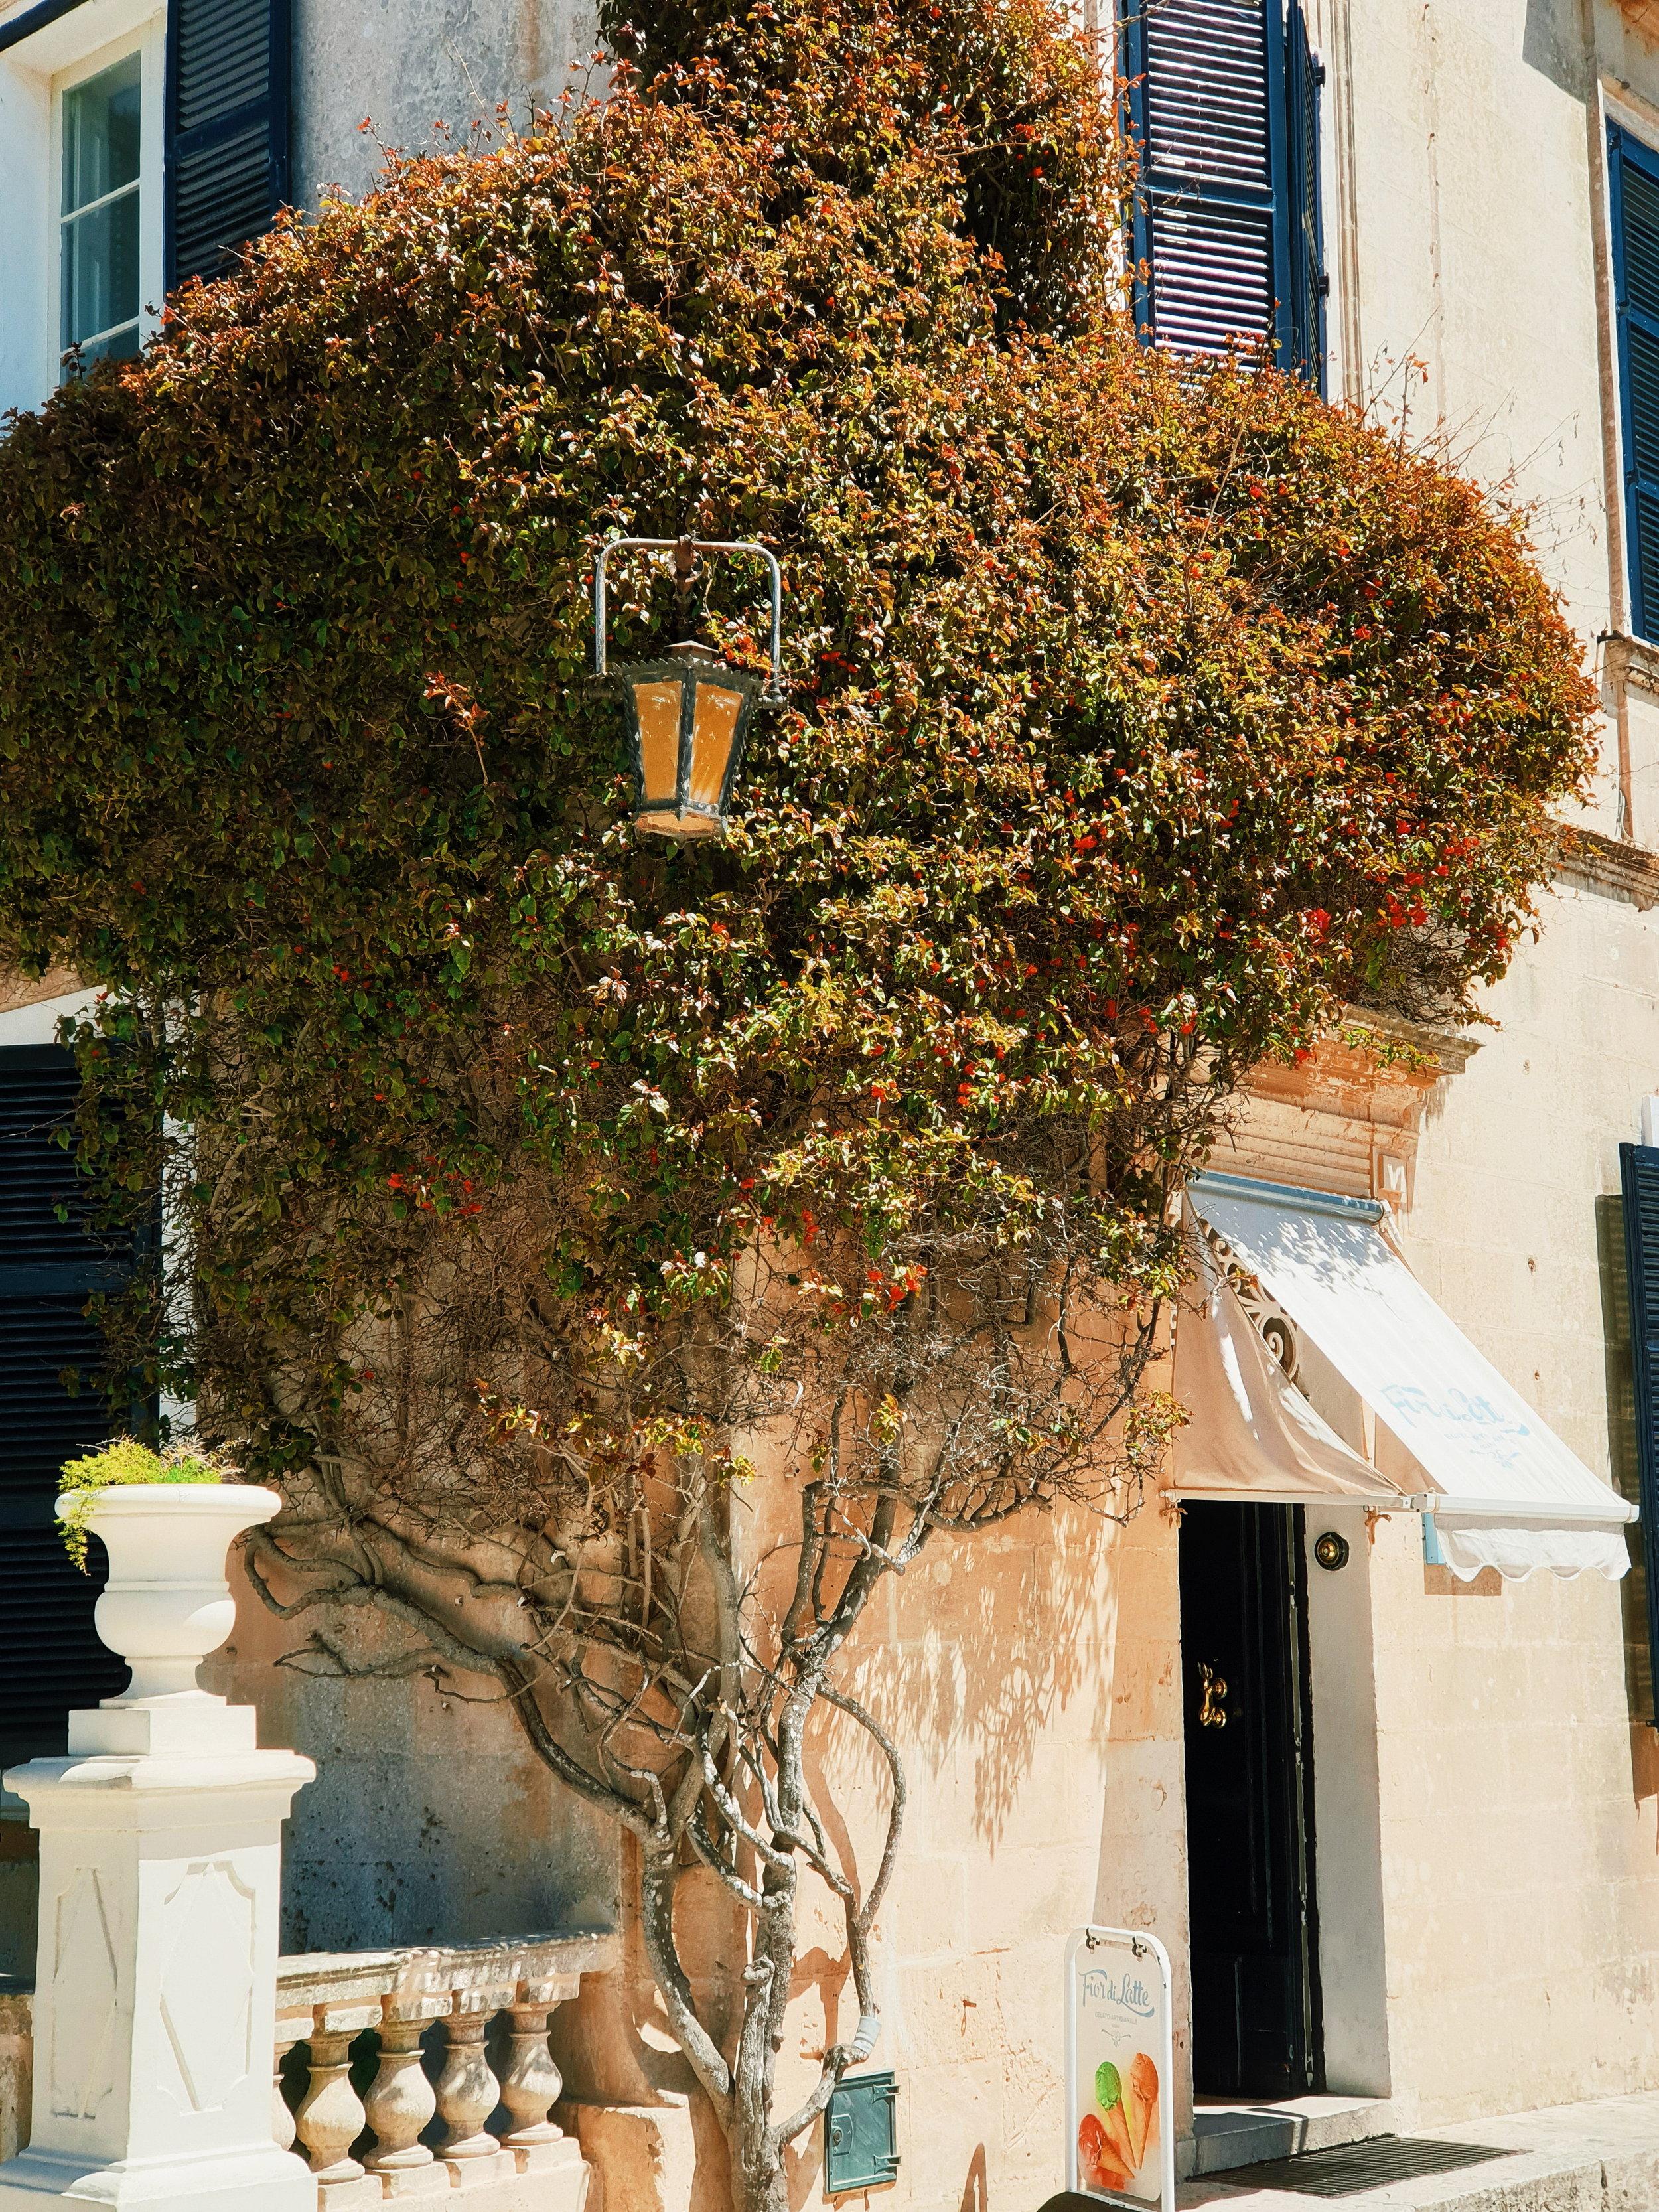 A corner view in Mdina, Malta